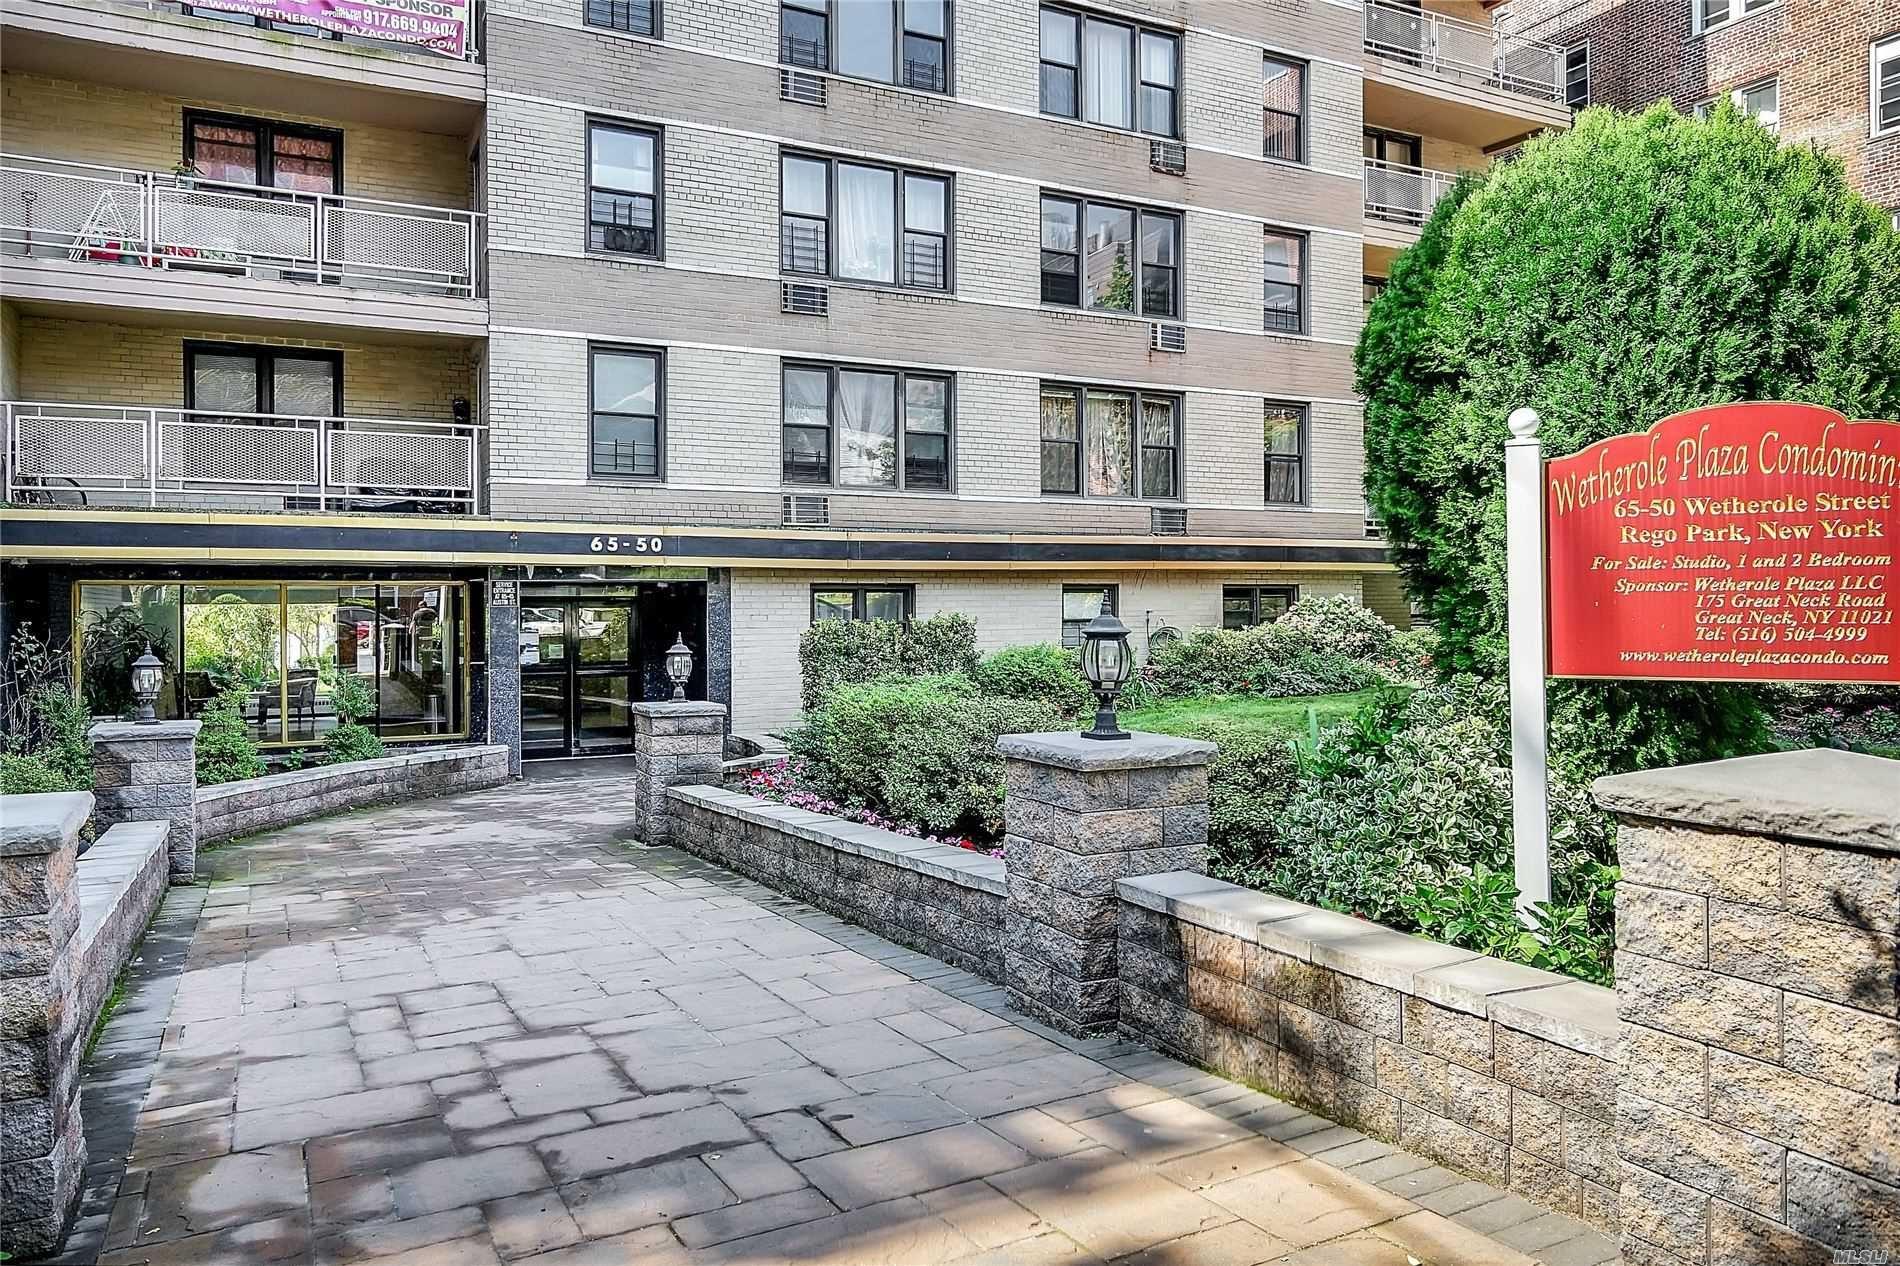 65-50 Wetherole Street #1E, Rego Park, NY 11374 - MLS#: 3241082